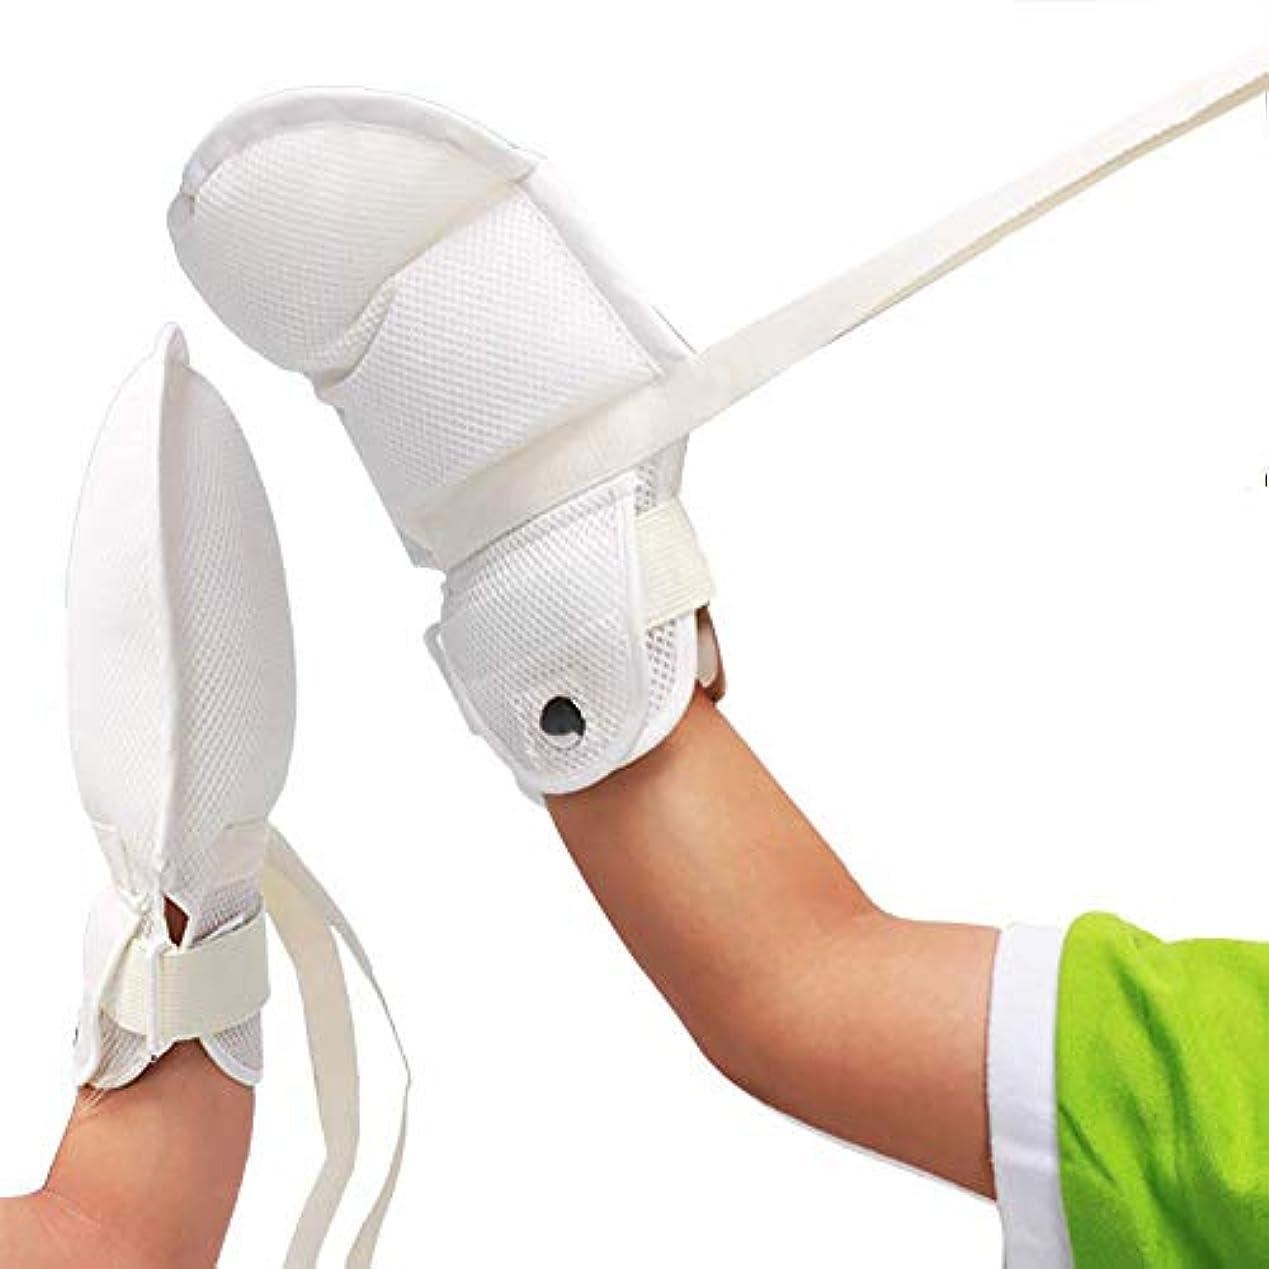 実現可能集まる再編成する厚く暖かいフィンガーコントロールミット、手に感染した保護パッドグローブ、安全制限付きグローブ、安全で普遍的な成人向けの指の負傷の固定グローブ (2PCS)